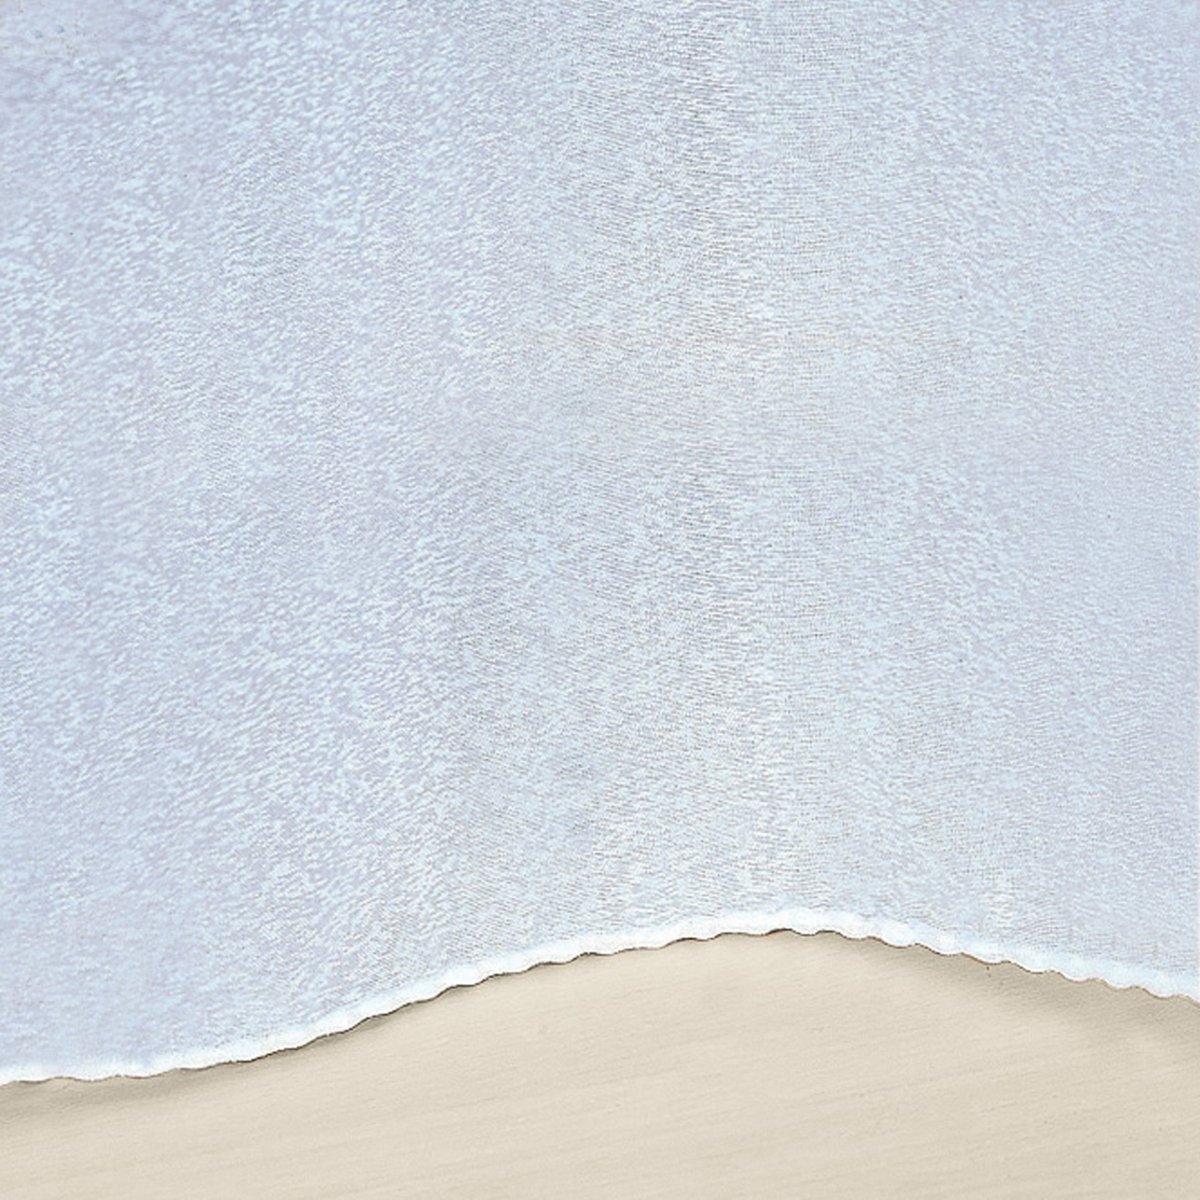 Занавеска с отделкой тесьмой со сборками, SYLVAТесьма шириной 6 см (3 уровня крепления !), позволяющая отрегулировать длину, и нижний край с красивой отделкой !Характеристики занавески :-Сделано во Франции .- Занавеска из 91% полиэстера, 9% льна.- Легкий уход : стирка при 40°, утюжка не требуется. - Размеры в см.Производство осуществляется с учетом стандартов по защите окружающей среды и здоровья человека, что подтверждено сертификатом Oeko-tex®.<br><br>Цвет: белый<br>Размер: 240 x 300  см